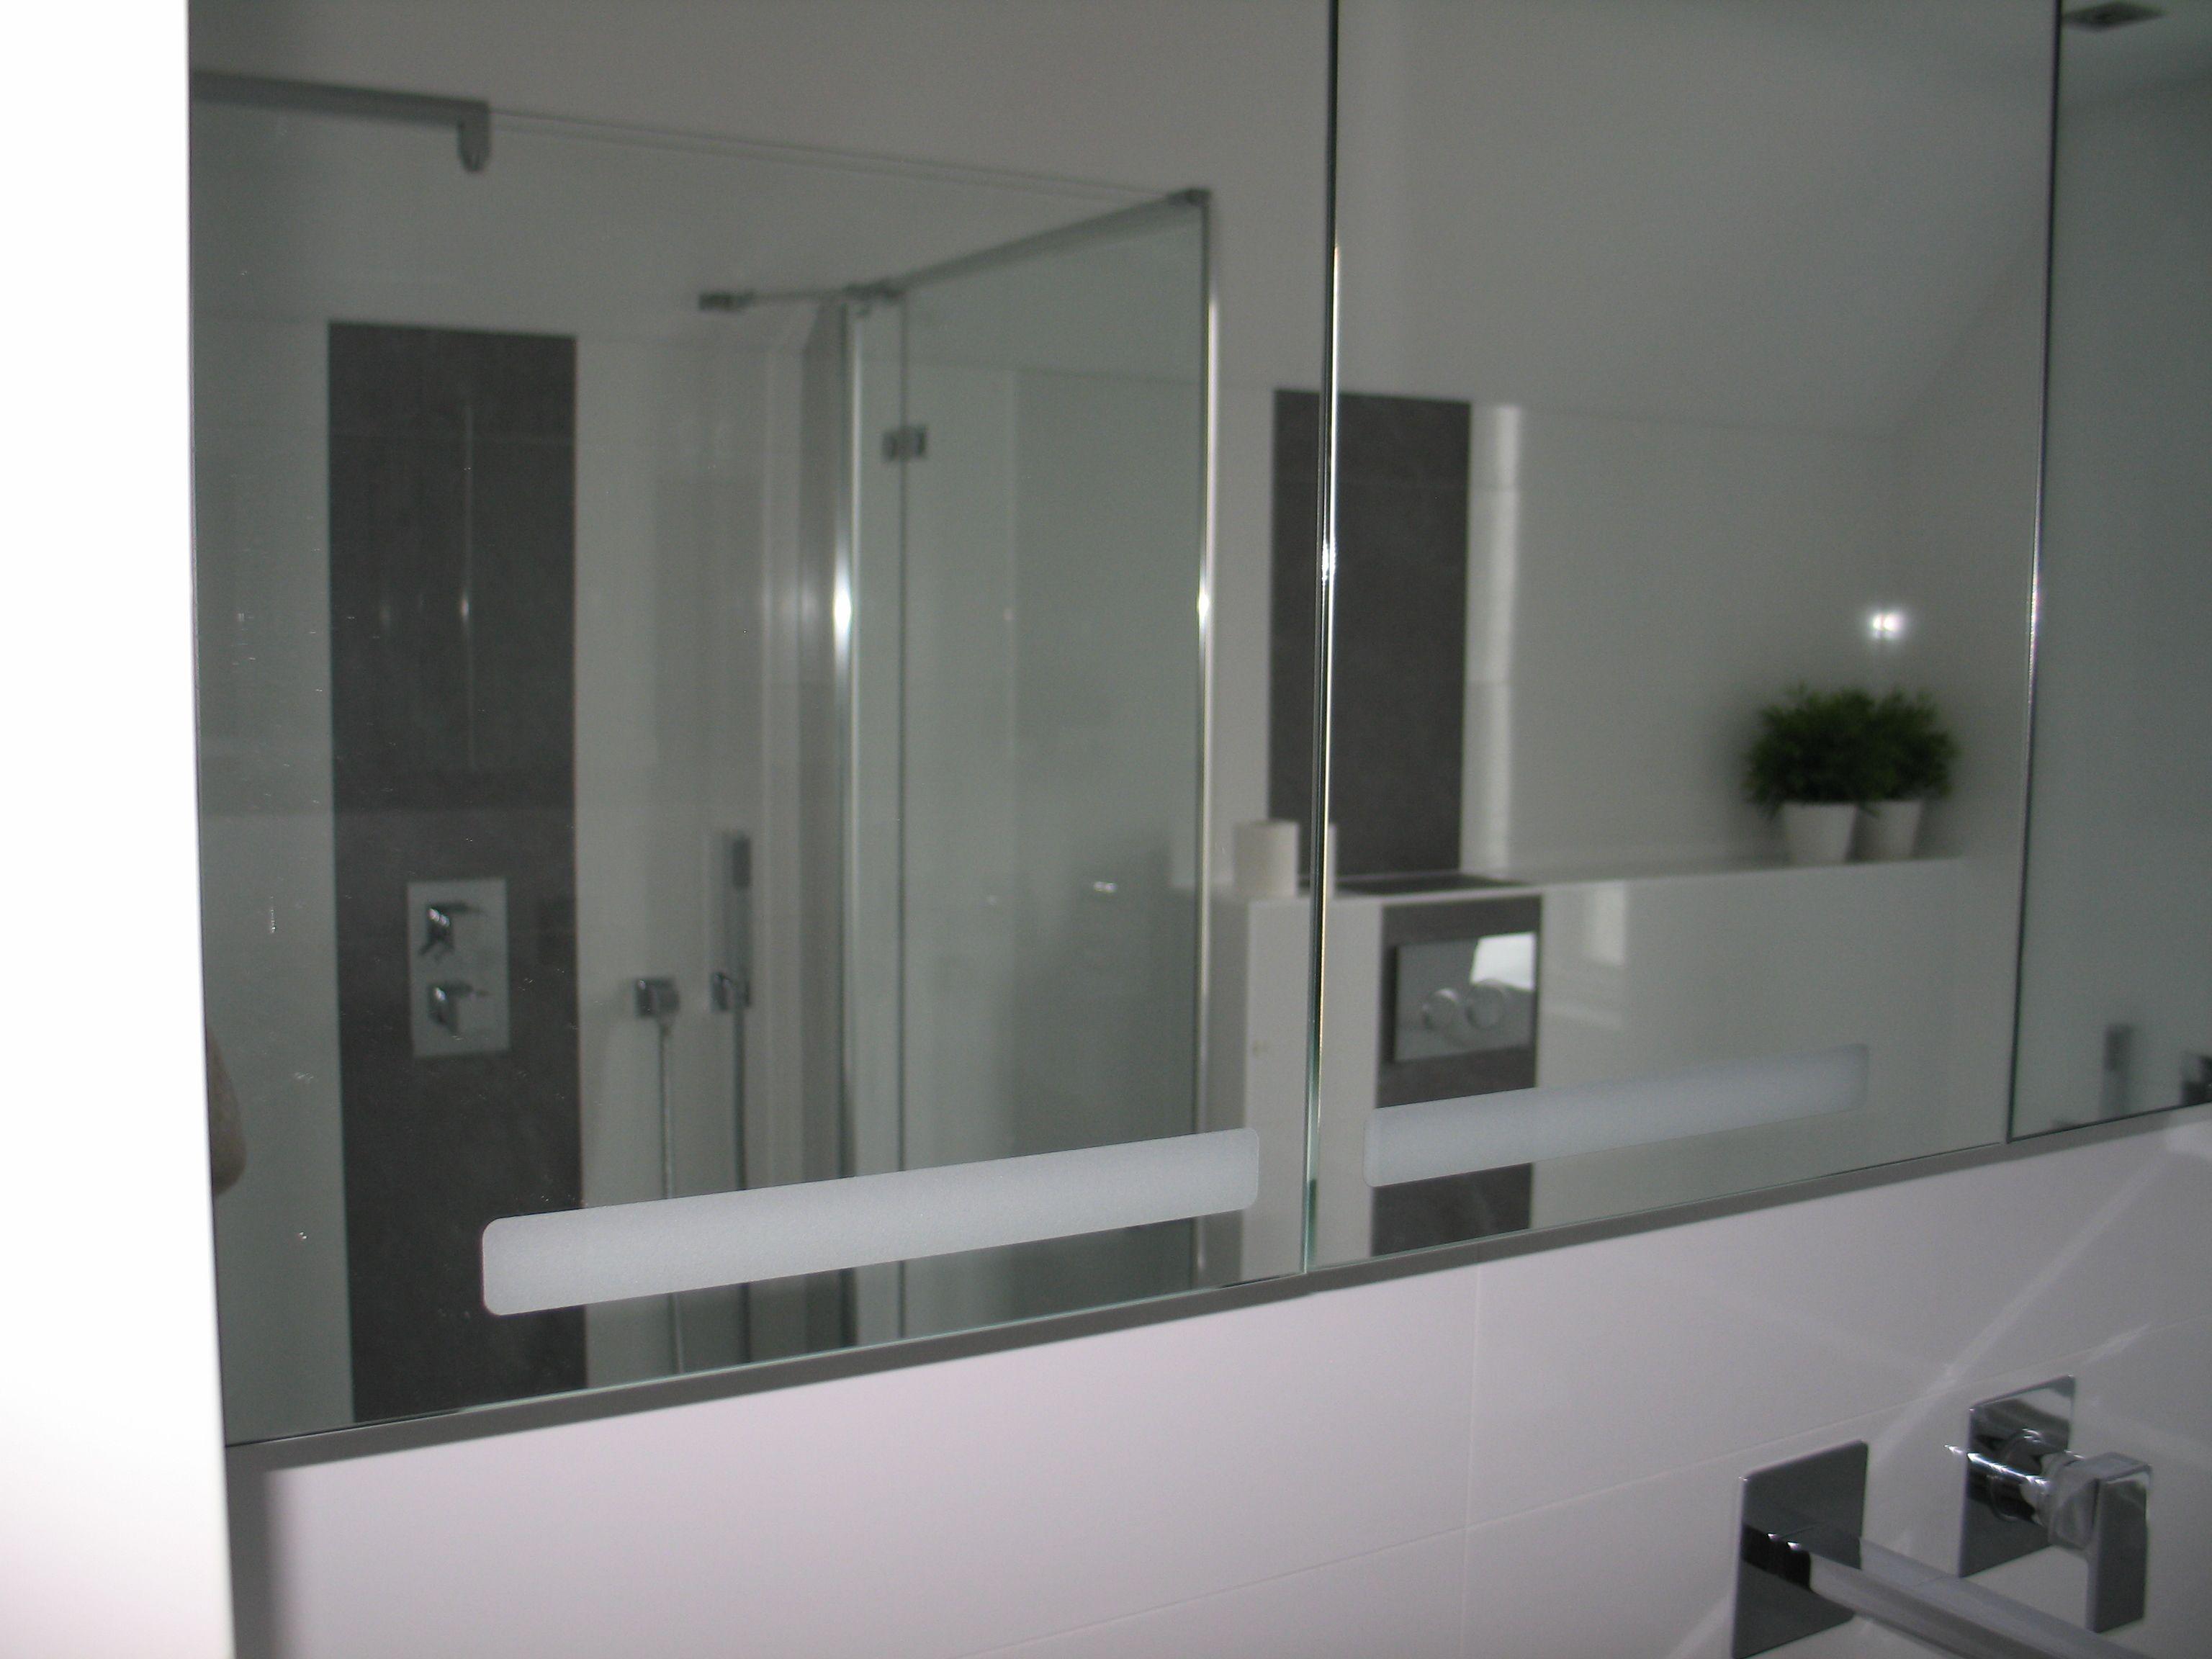 Badkamer spiegelkast met verlichting: badkamerspiegel spiegelkast ...